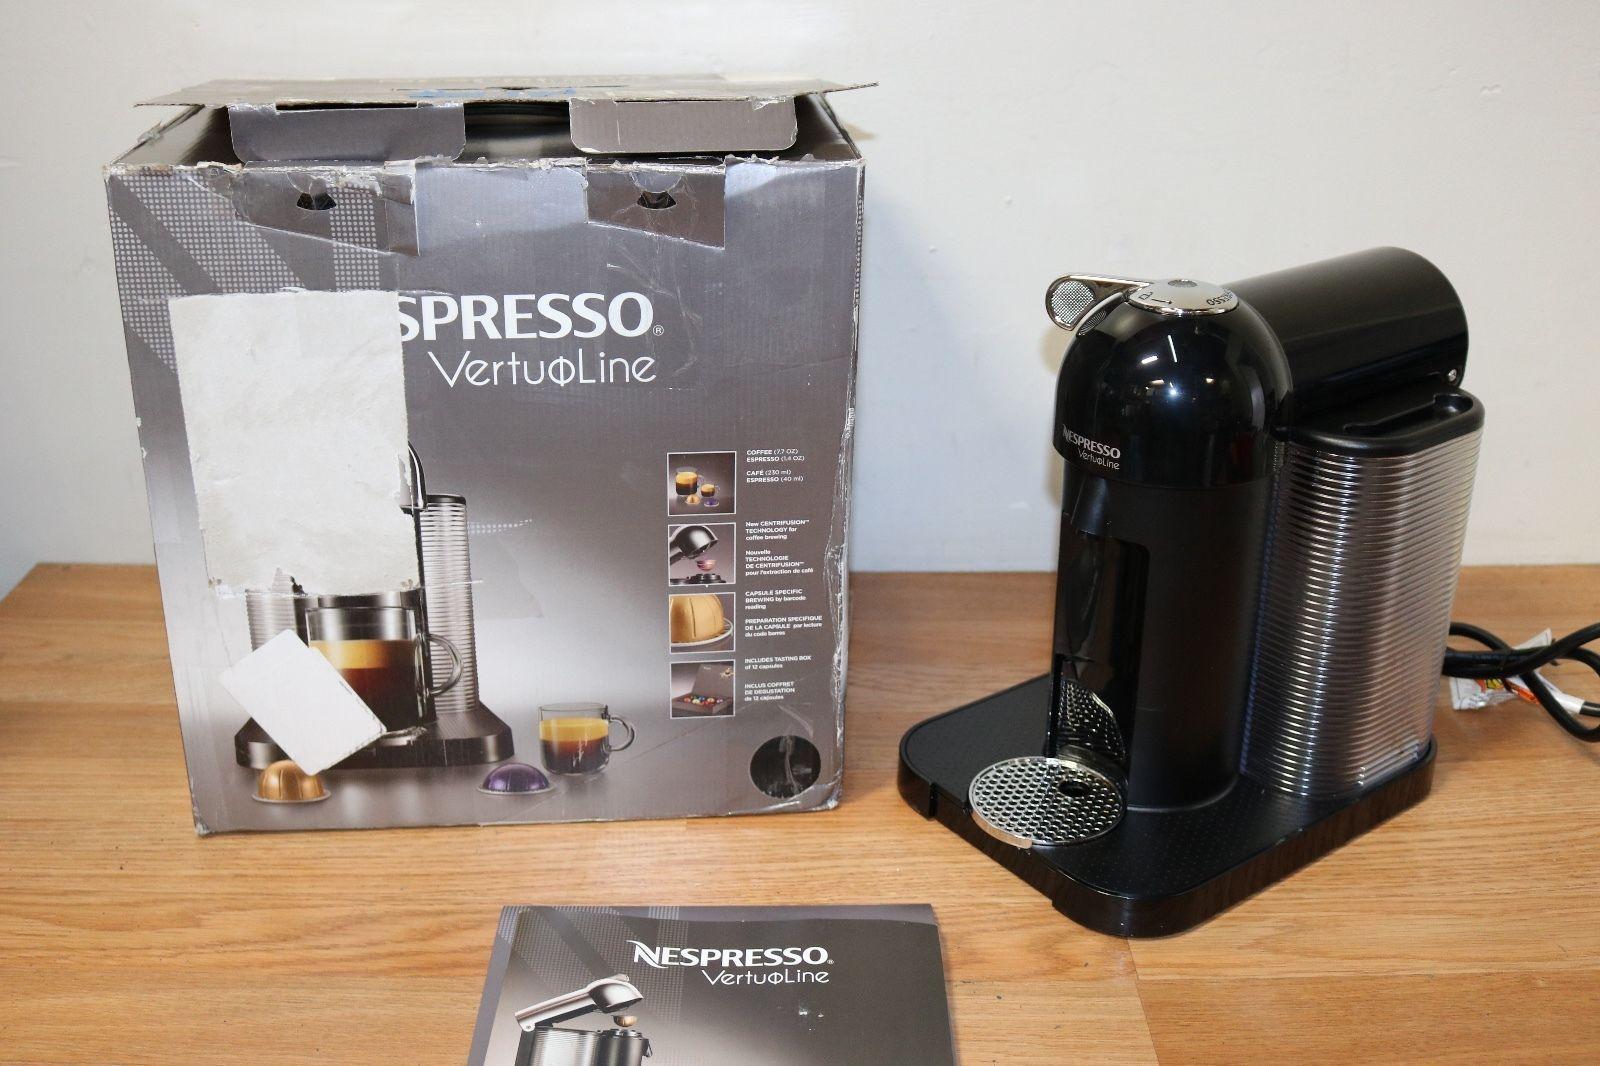 Nespresso GCA1 US CH NE VertuoLine Coffee And Espresso Maker Parts Only E116